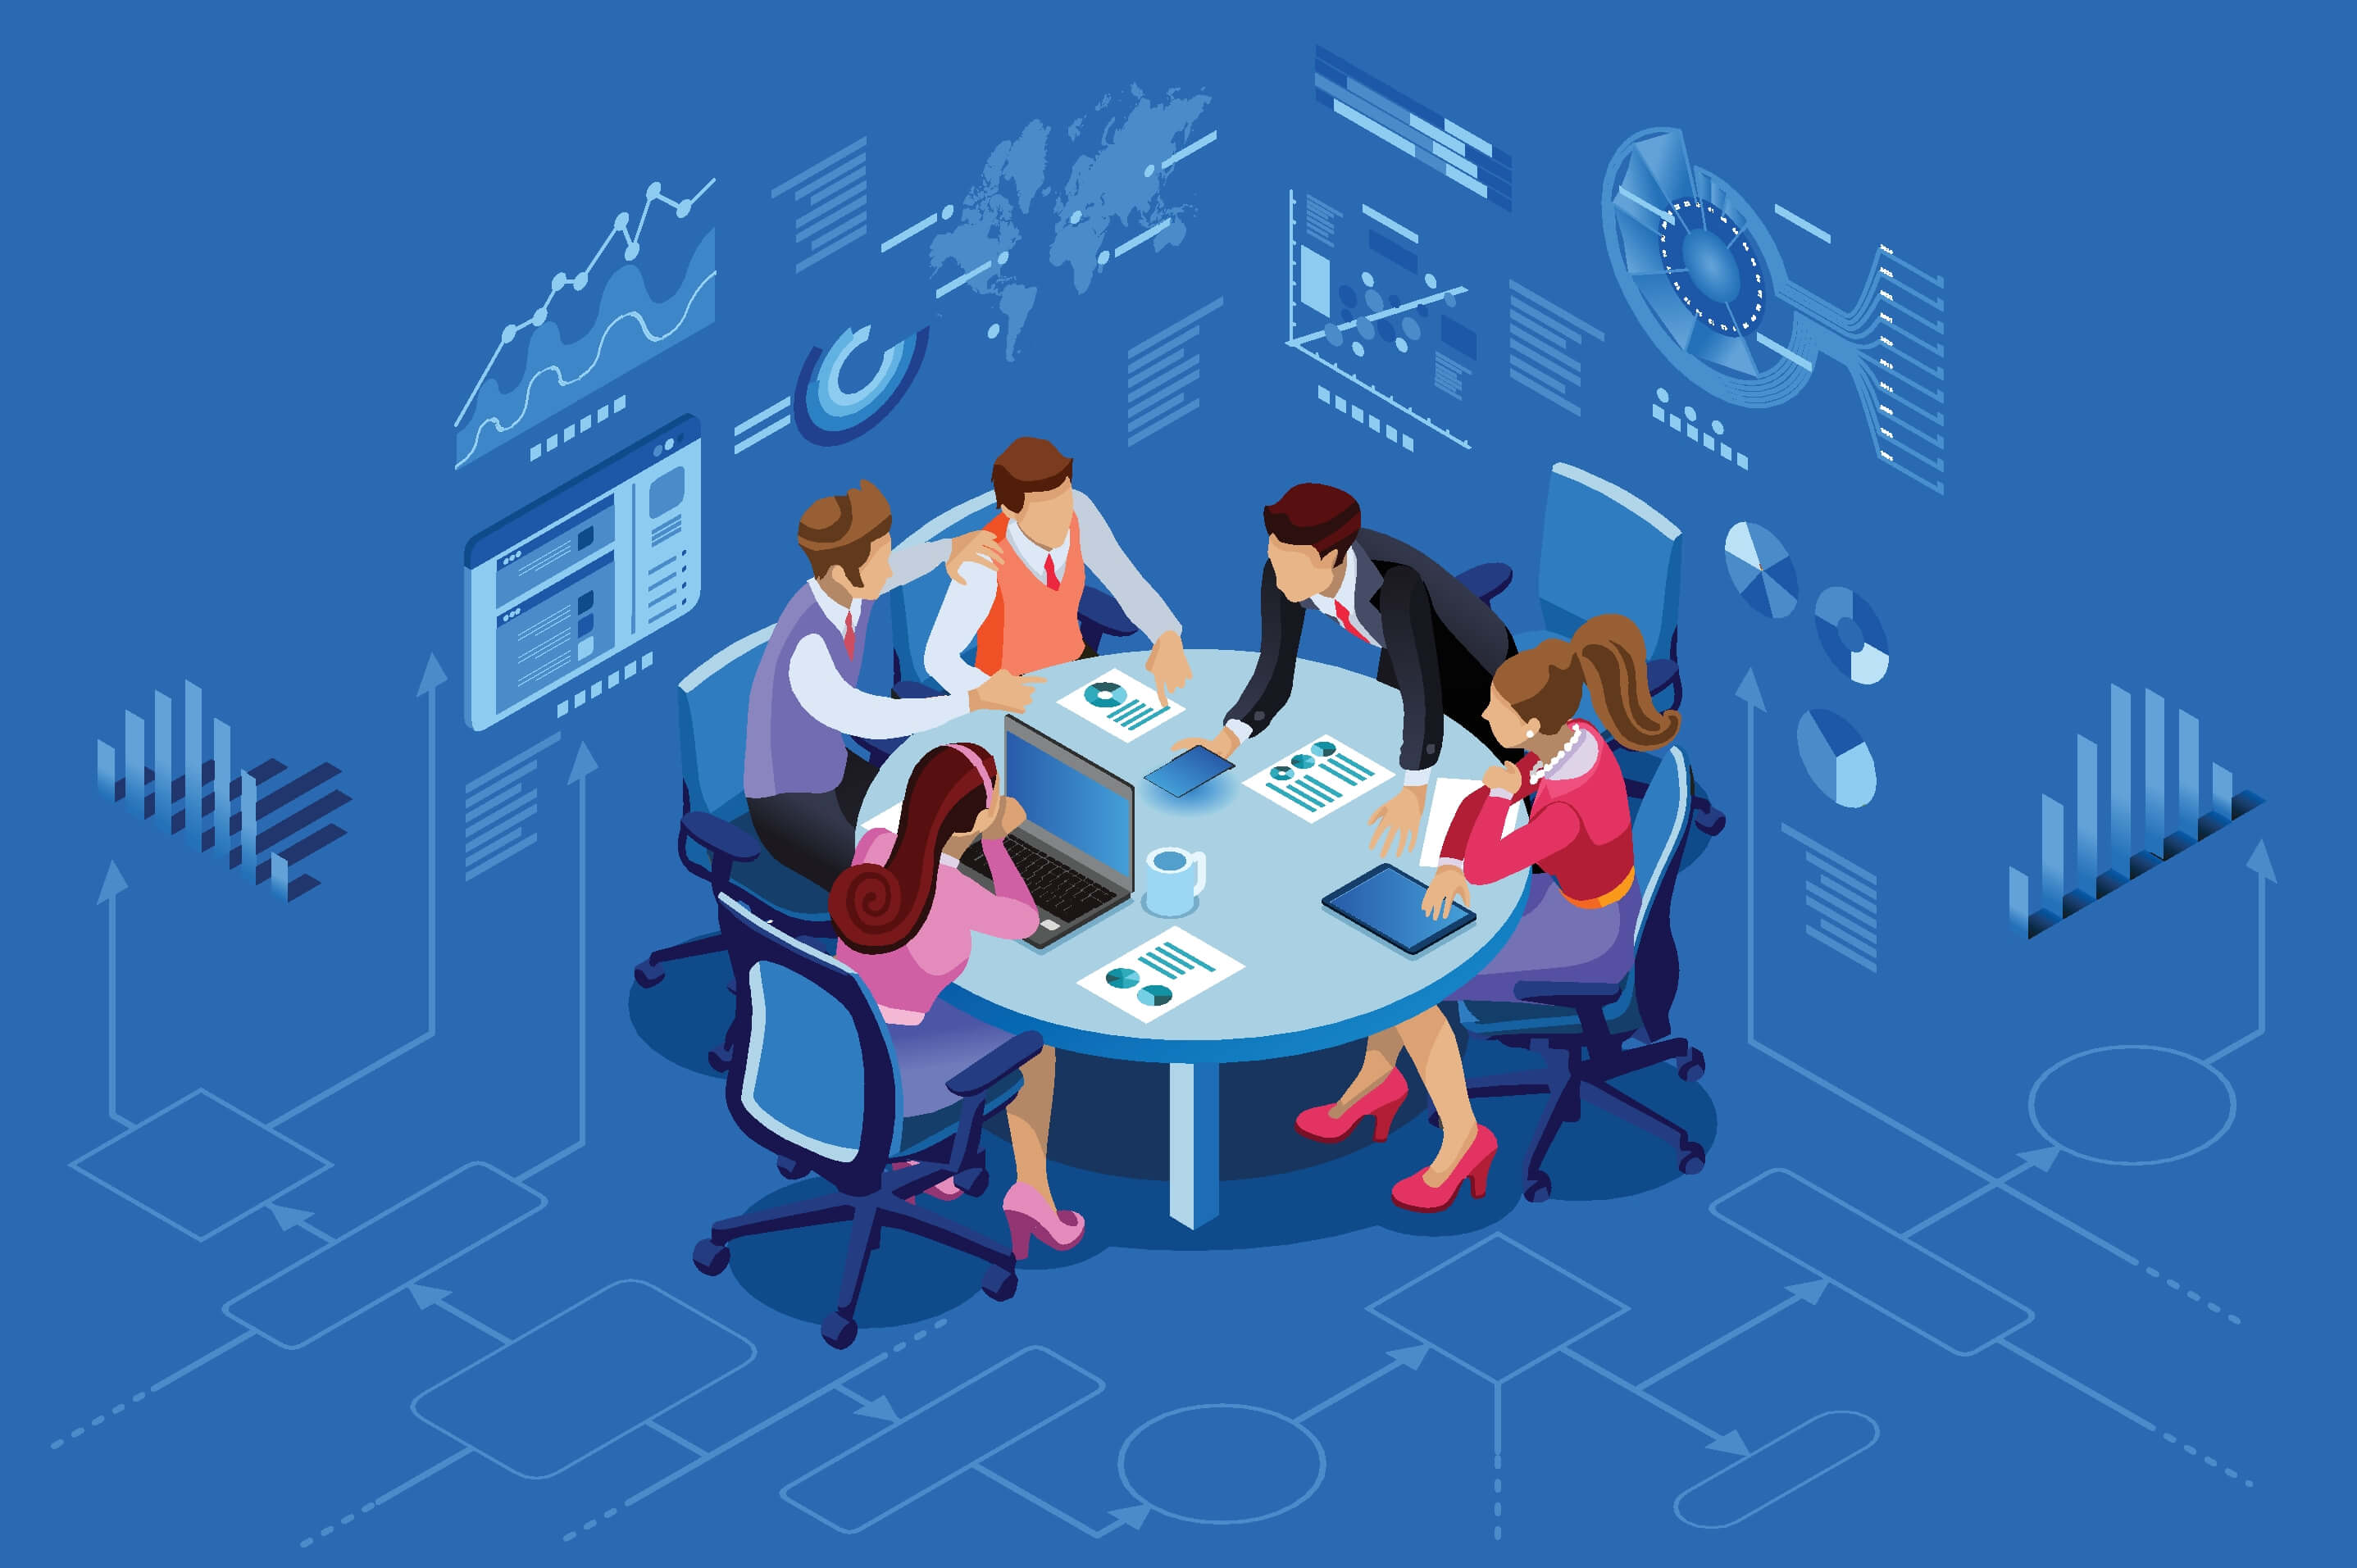 Seu plano de negócios já contempla a migração para o digital?